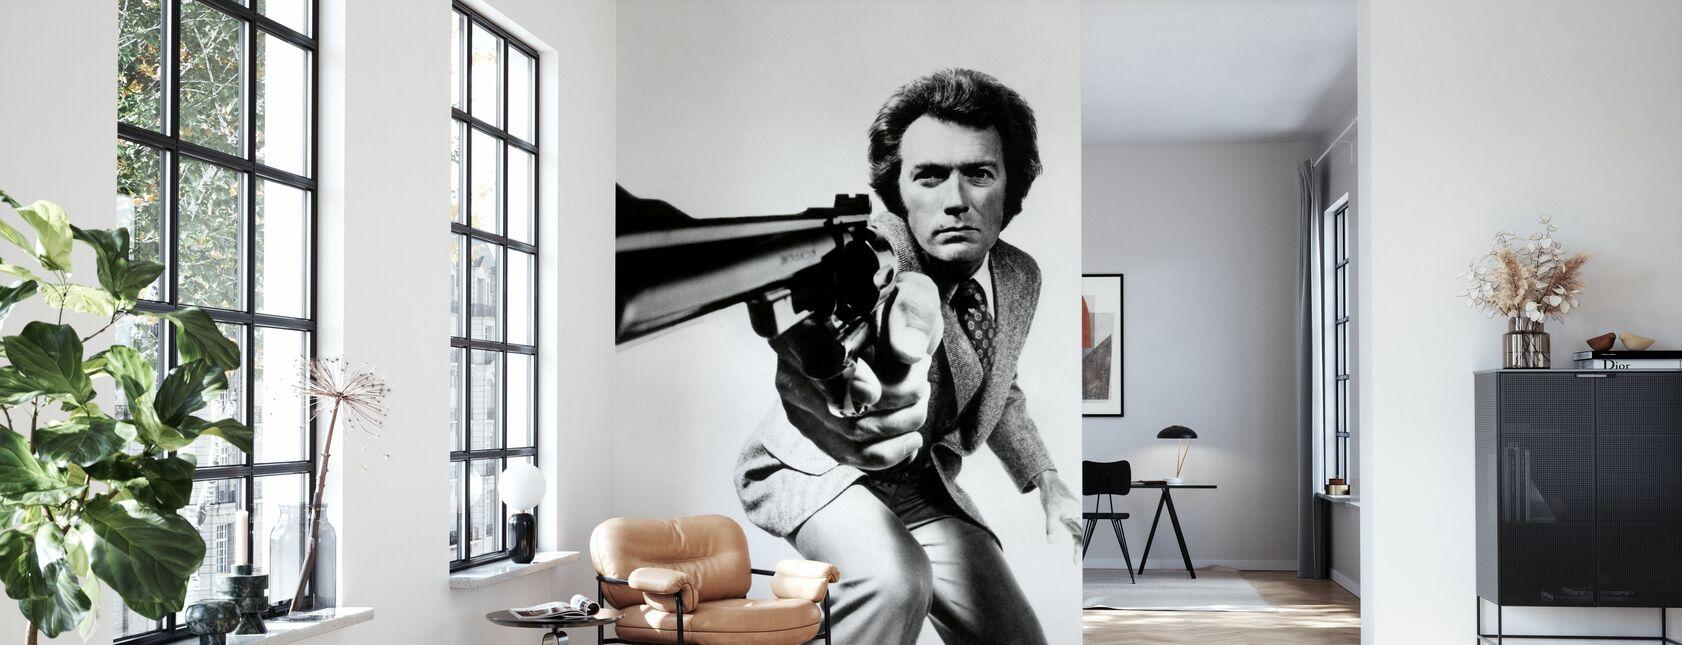 Clint Eastwood i Magnum Force - Tapet - Stue